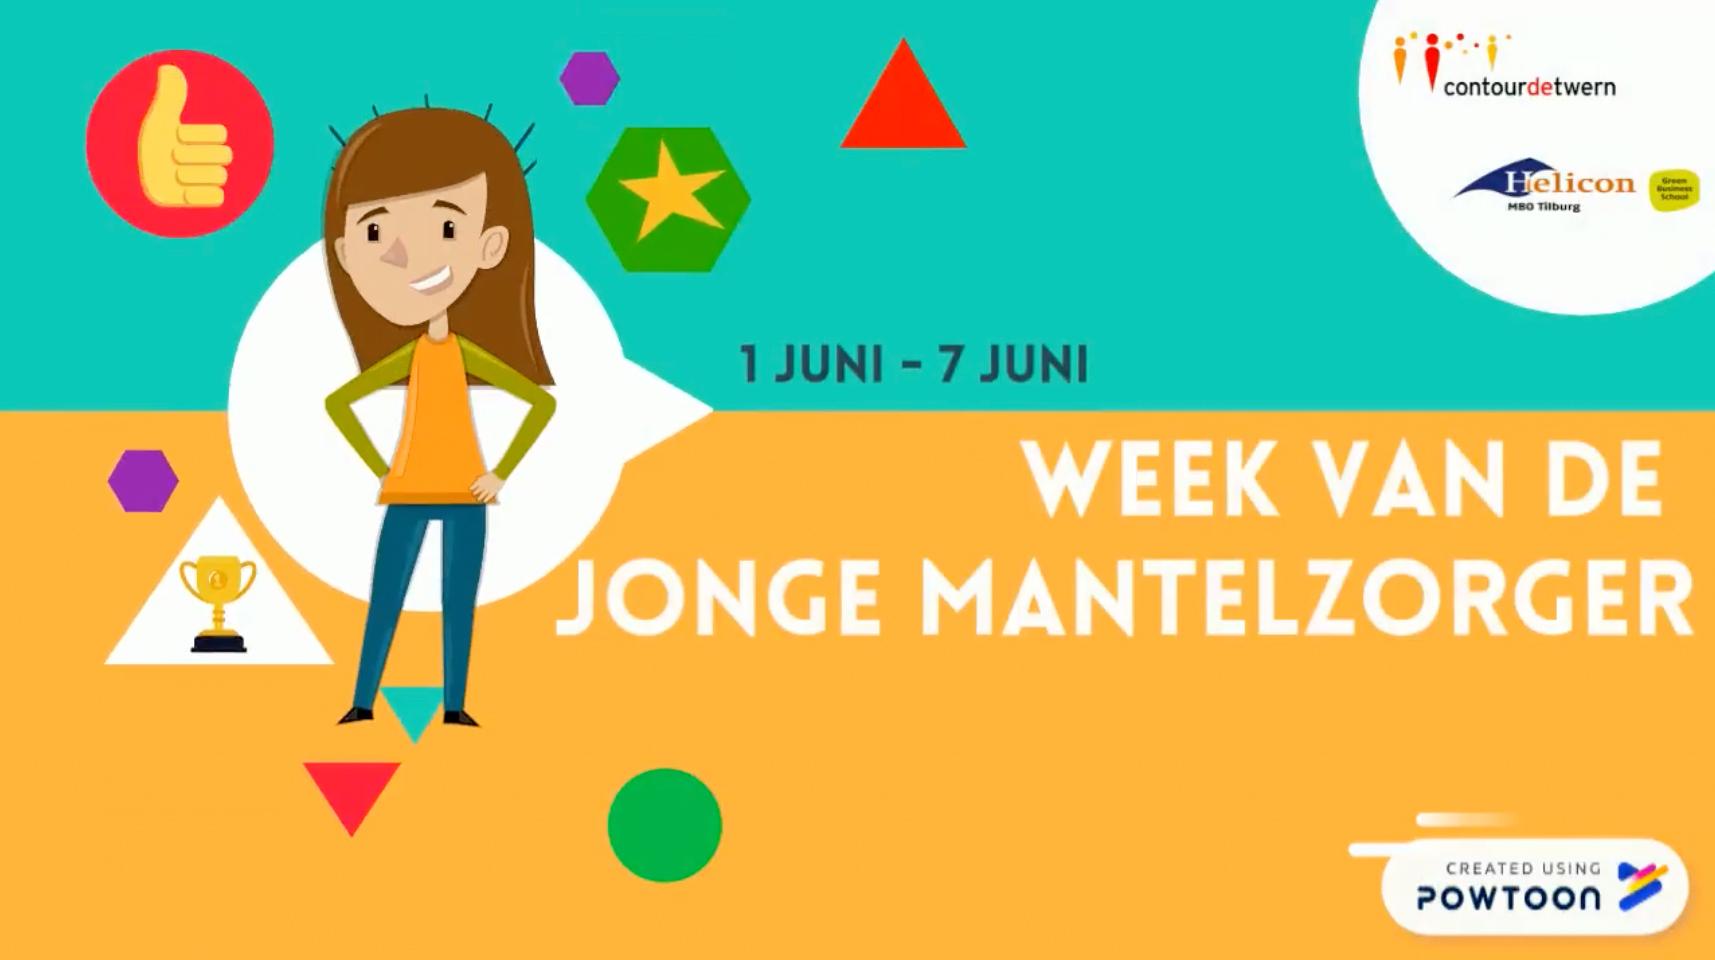 Week Van De Jonge Mantelzorger